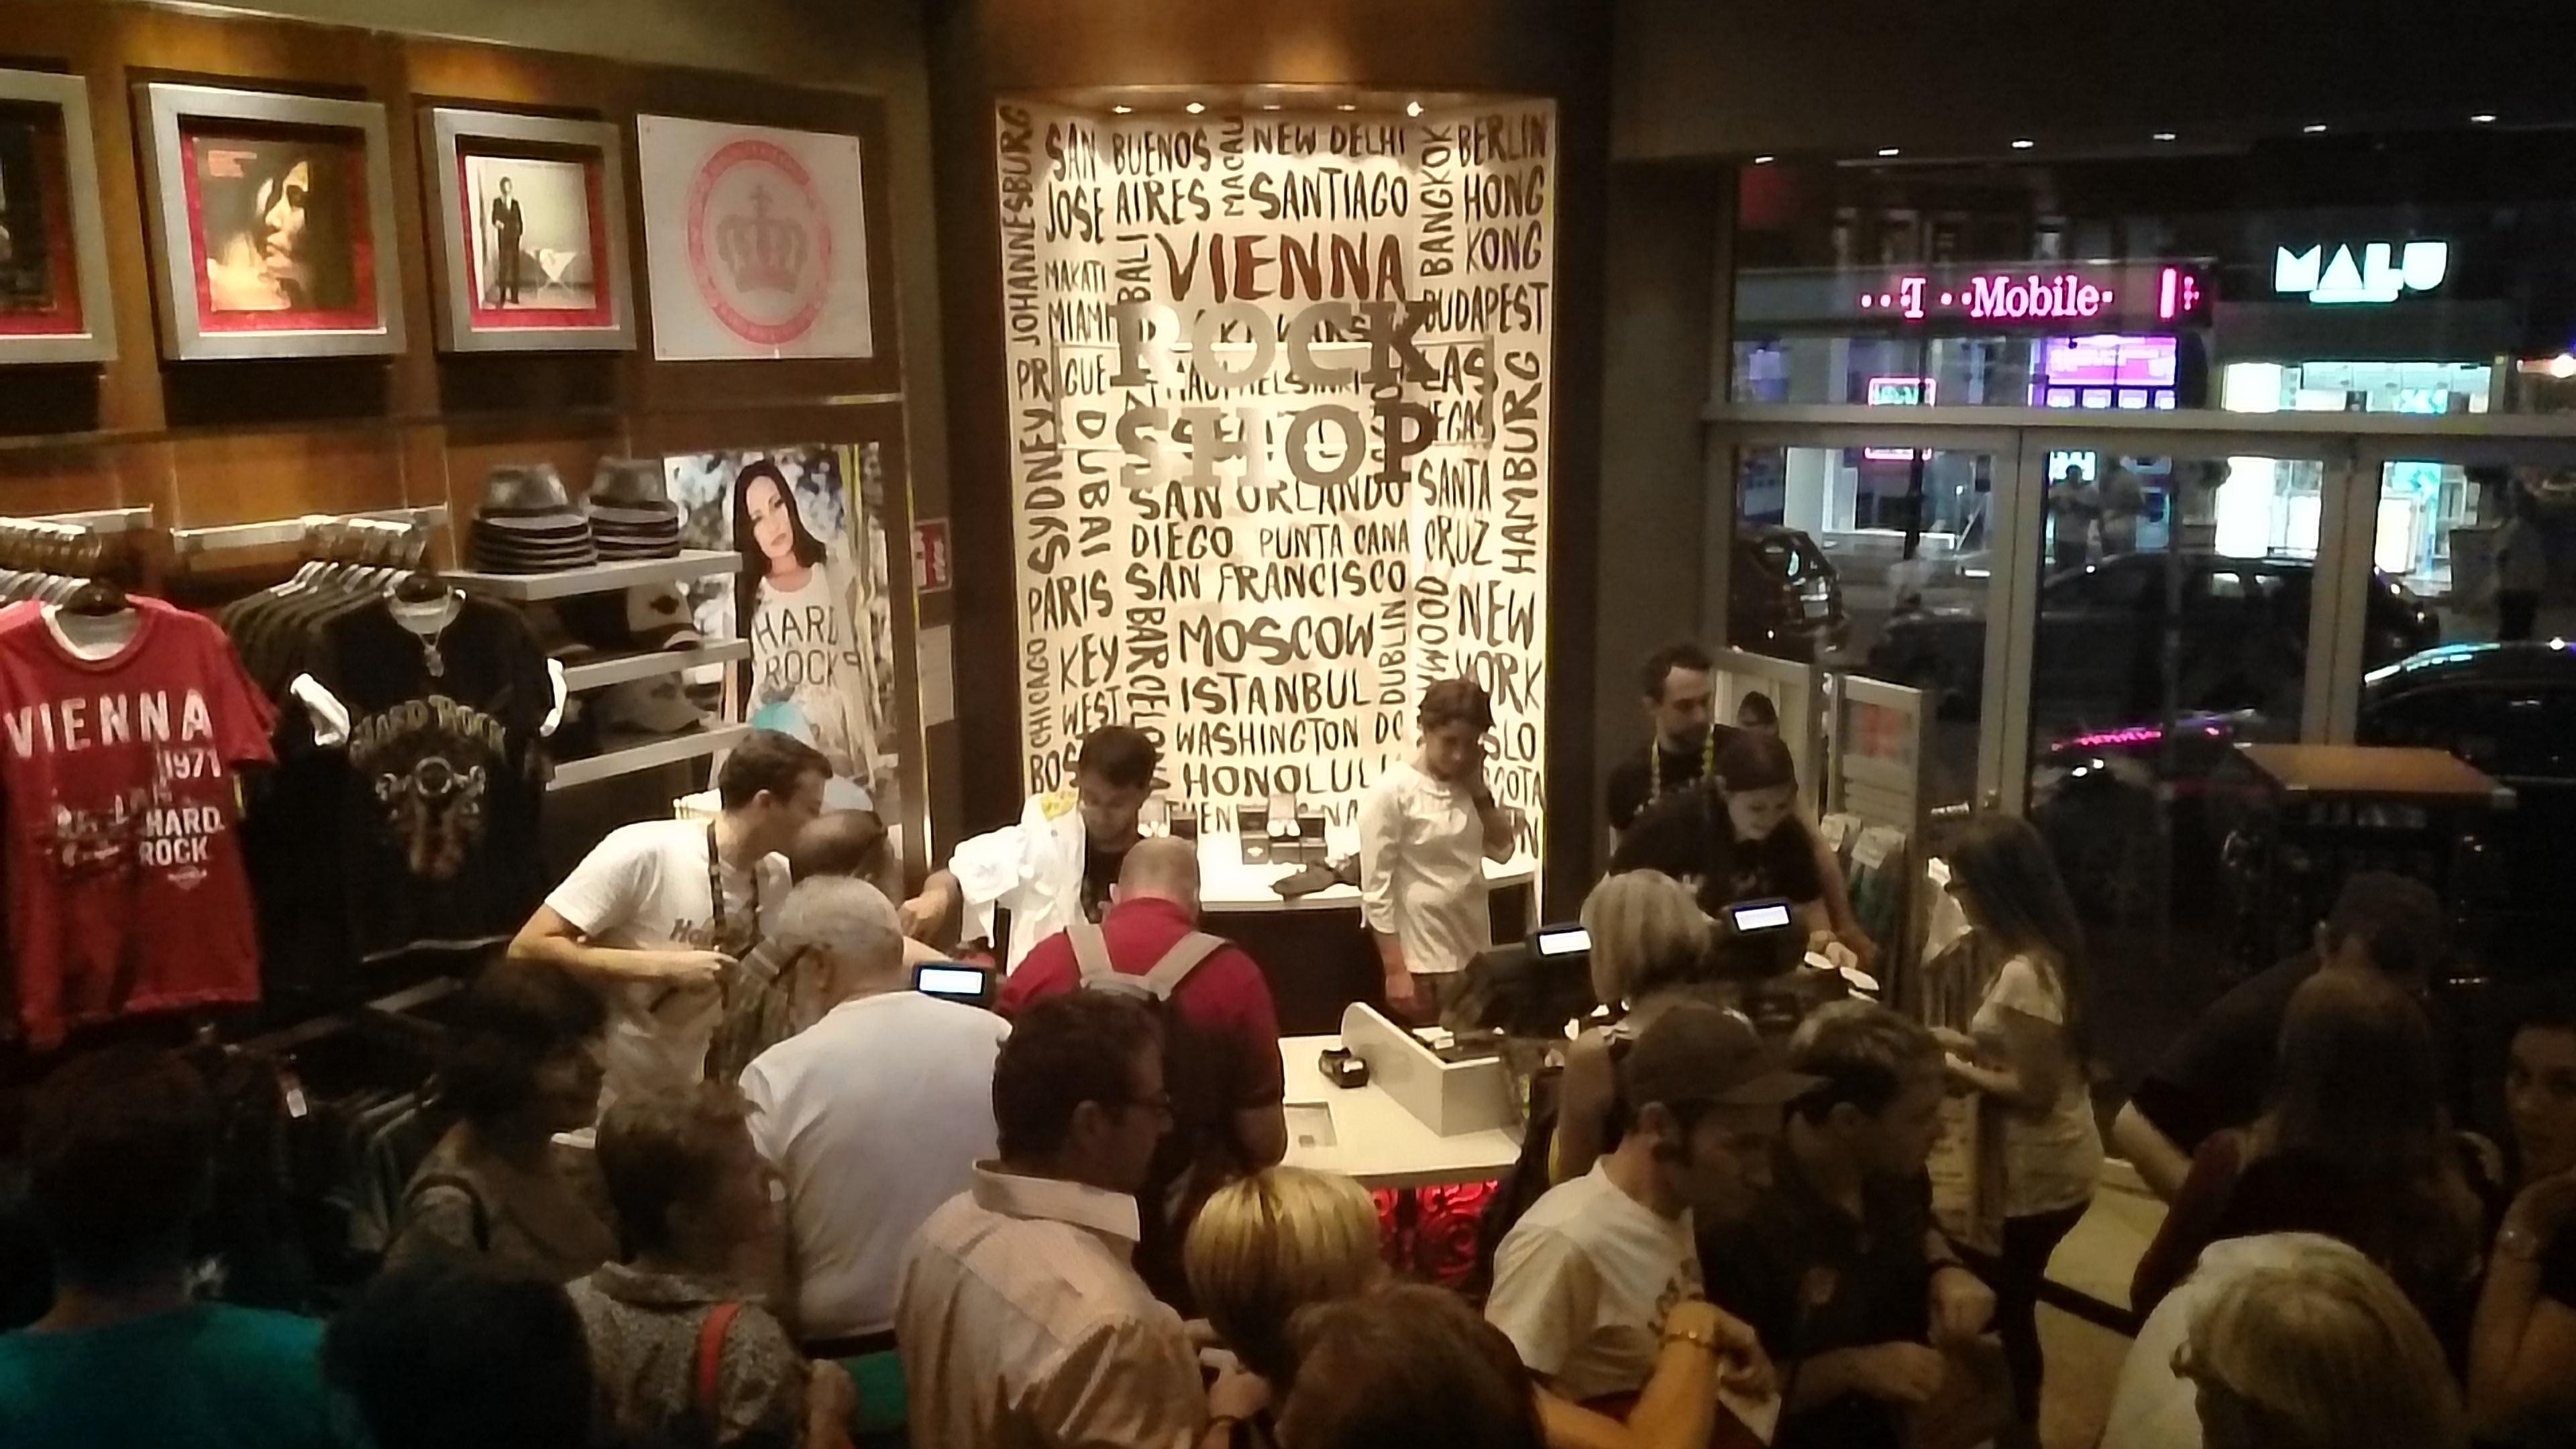 Wien Hard Rock Cafe